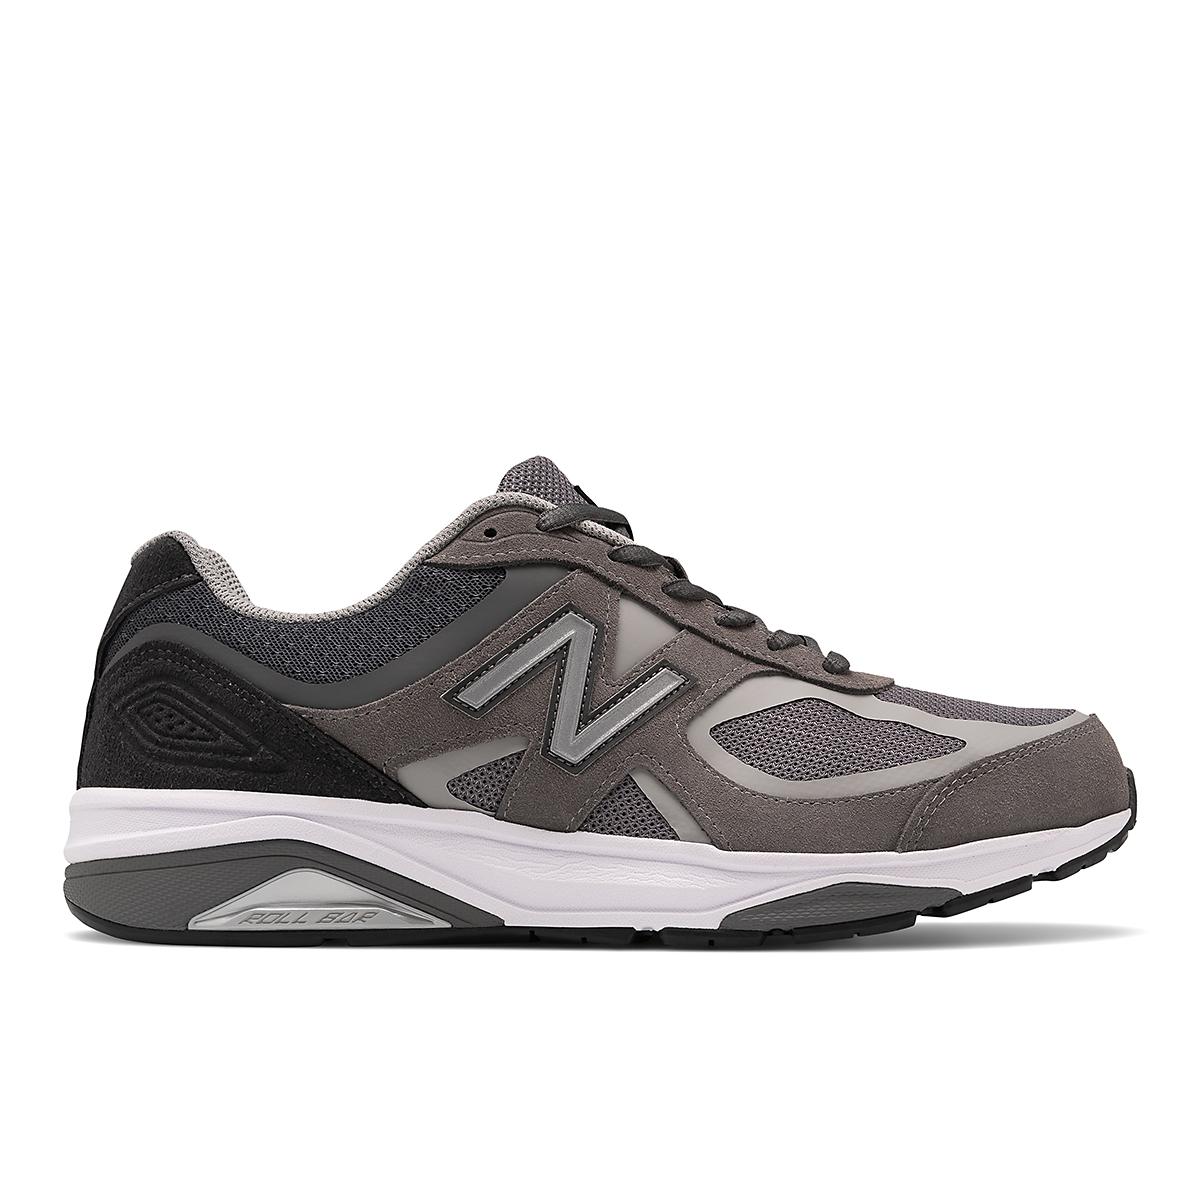 Men's New Balance 1540V3 Walking Shoe - Color: Grey - Size: 7 - Width: Wide, Grey, large, image 1